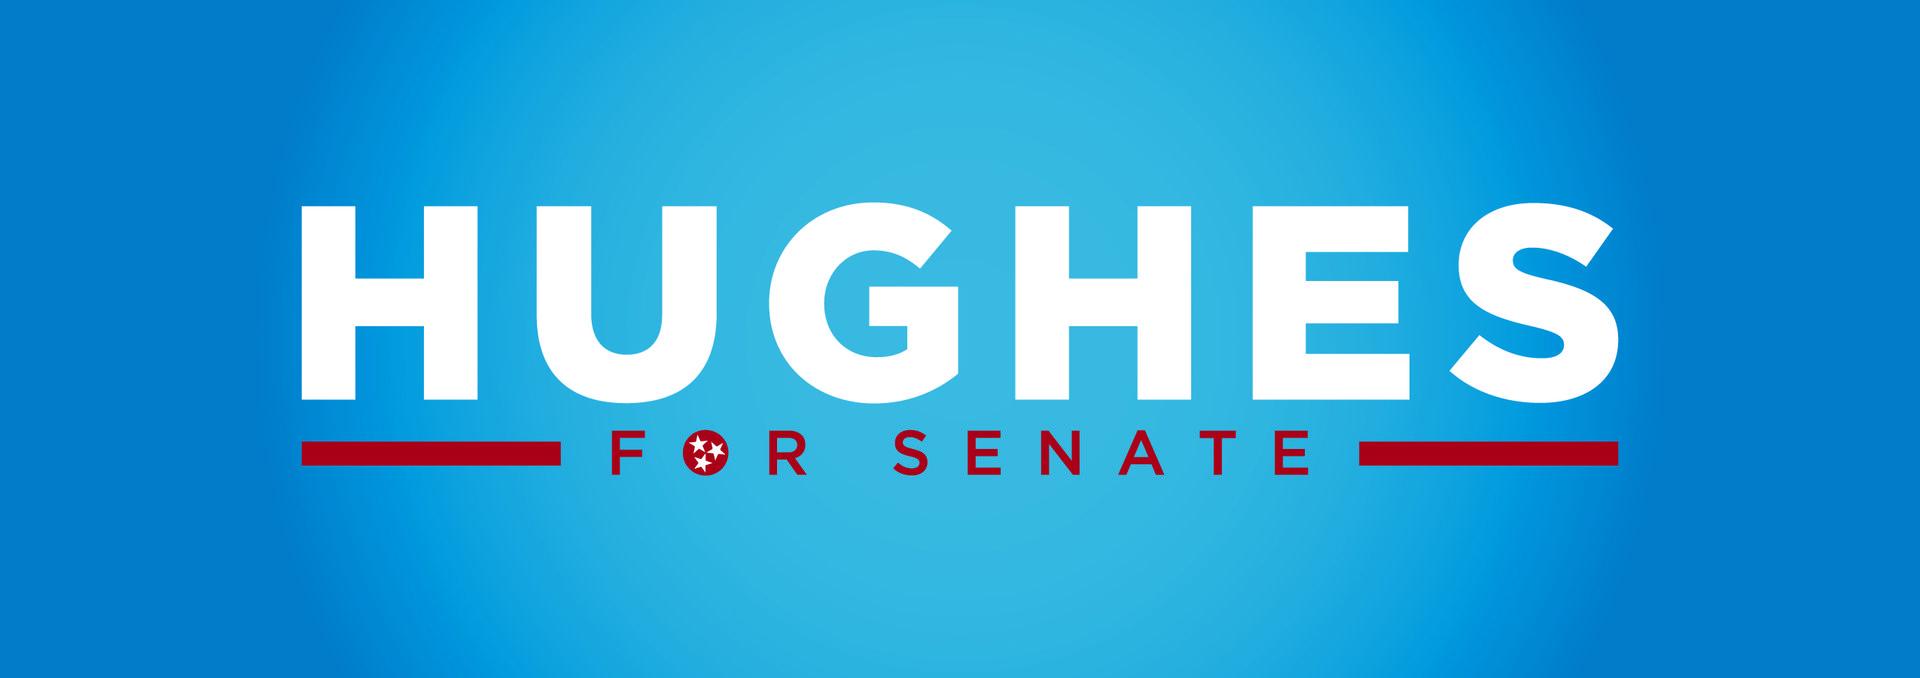 Hughes logo blue backgound 01